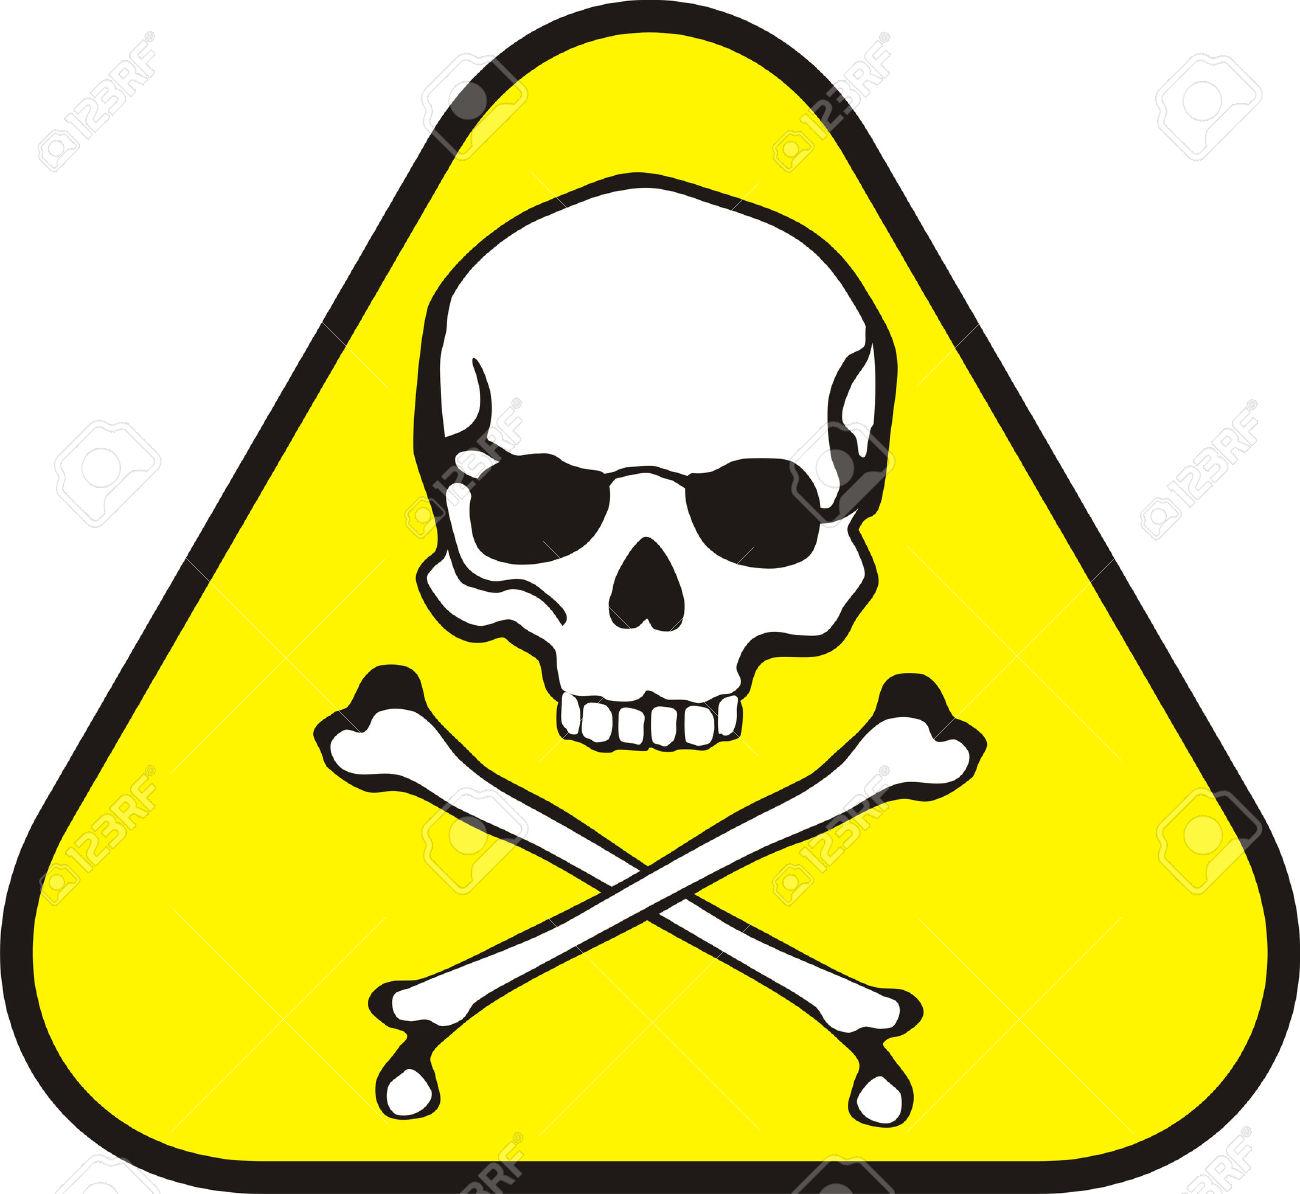 Toxic logo clipart.